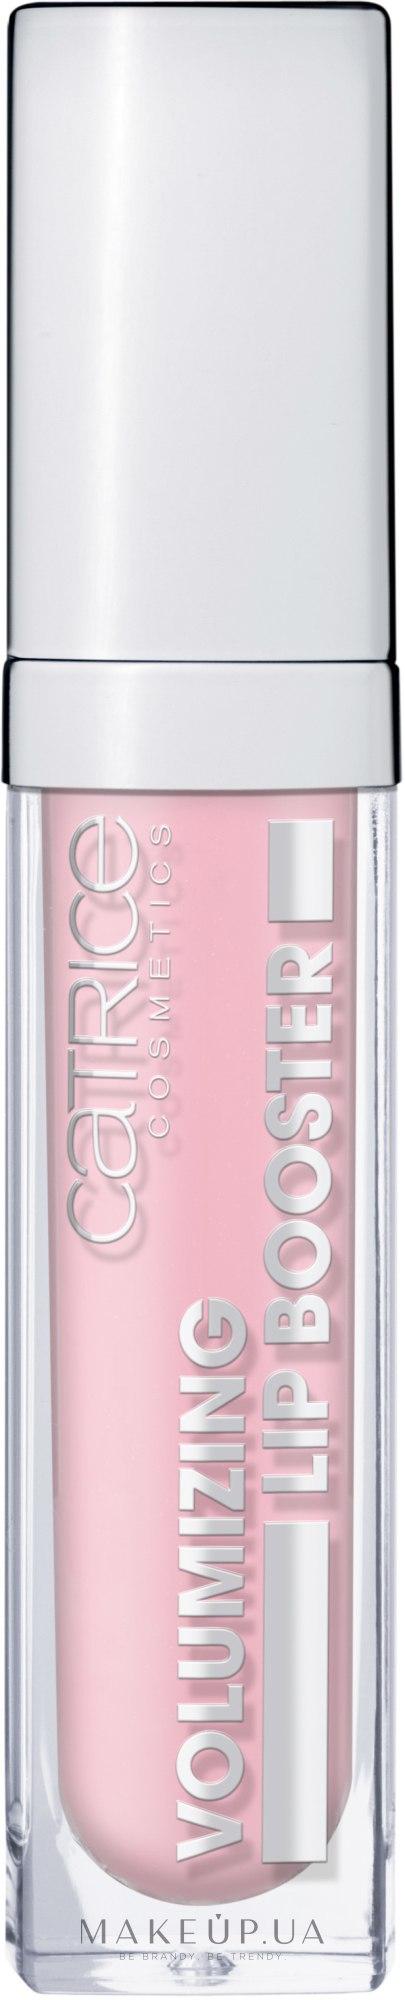 Объемный блеск для губ - Catrice Volumizing Lip Booster: купить по лучшей цене в Украине - MAKEUP